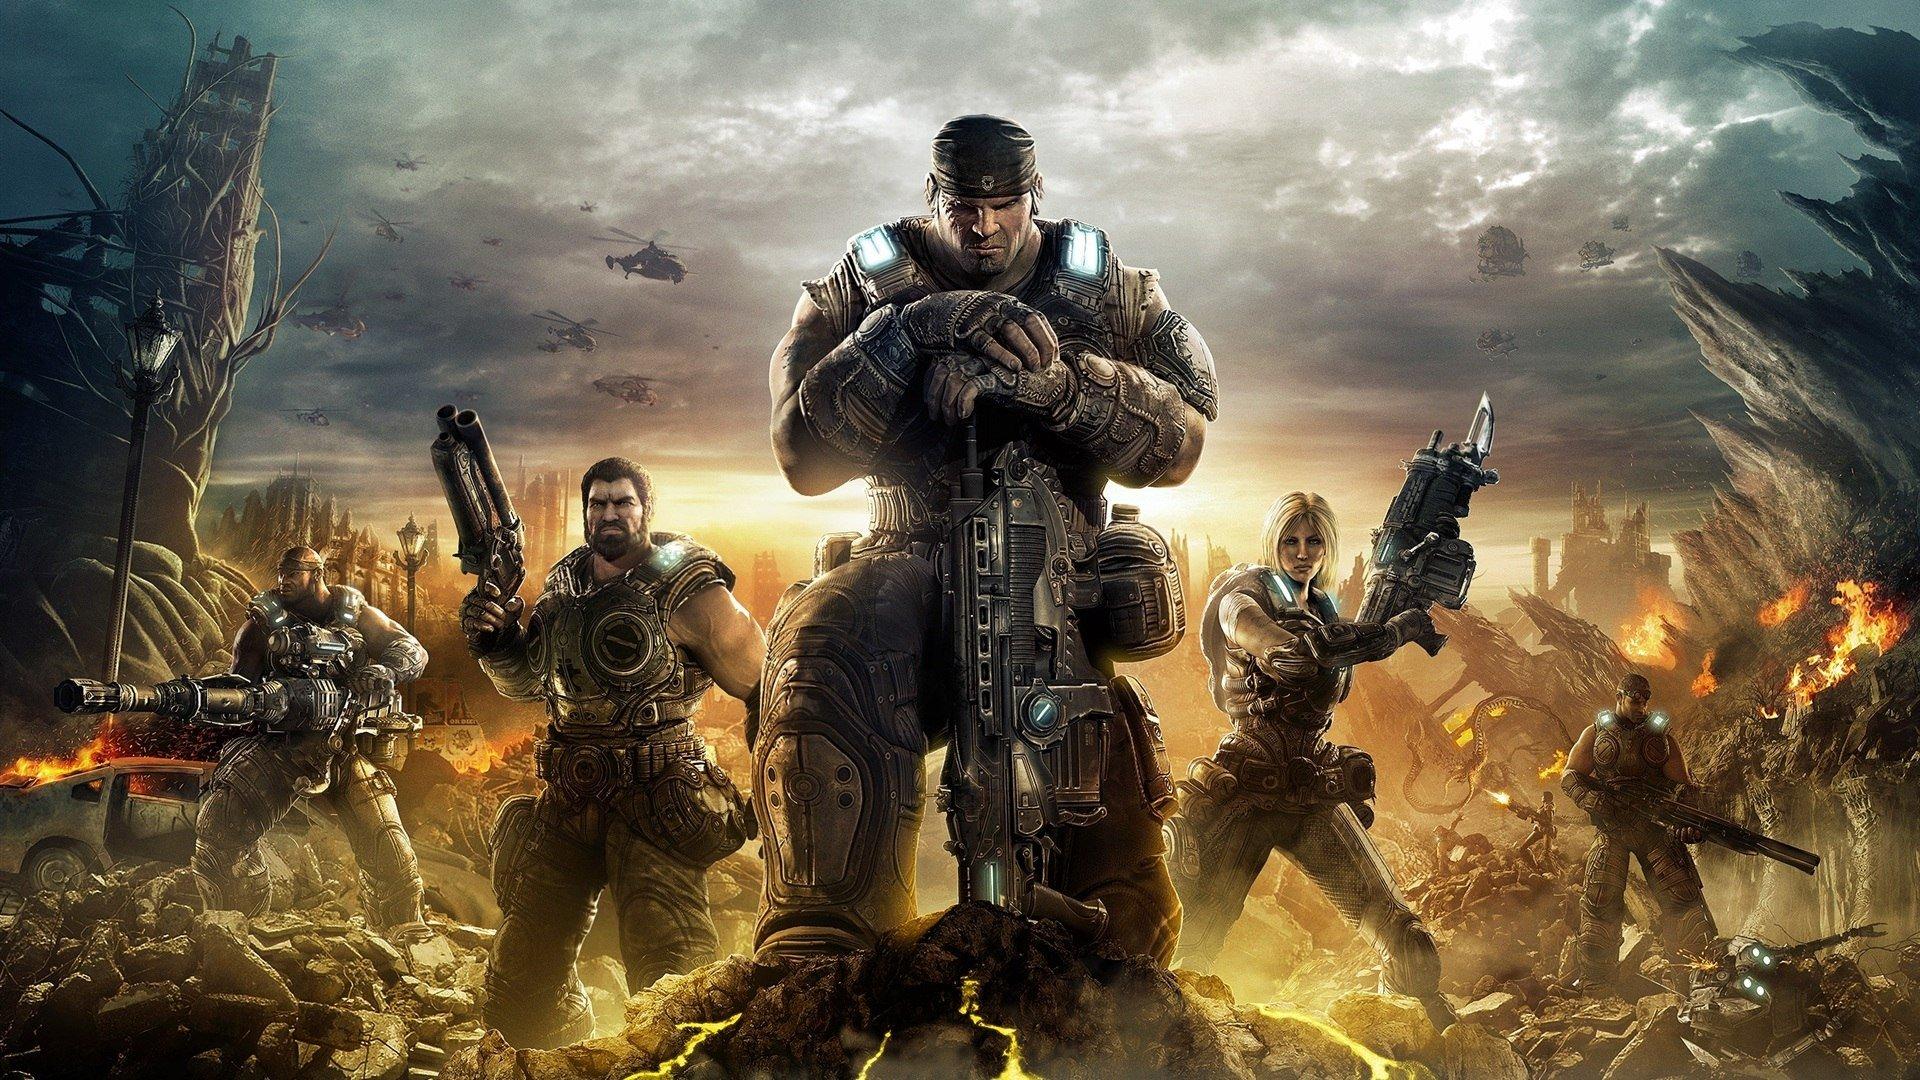 Прошла Gears Of War 3. Очень люблю эту прекрасную игровую серию. Были моменты где хохотала, безмерно удивлялась и да .... - Изображение 1